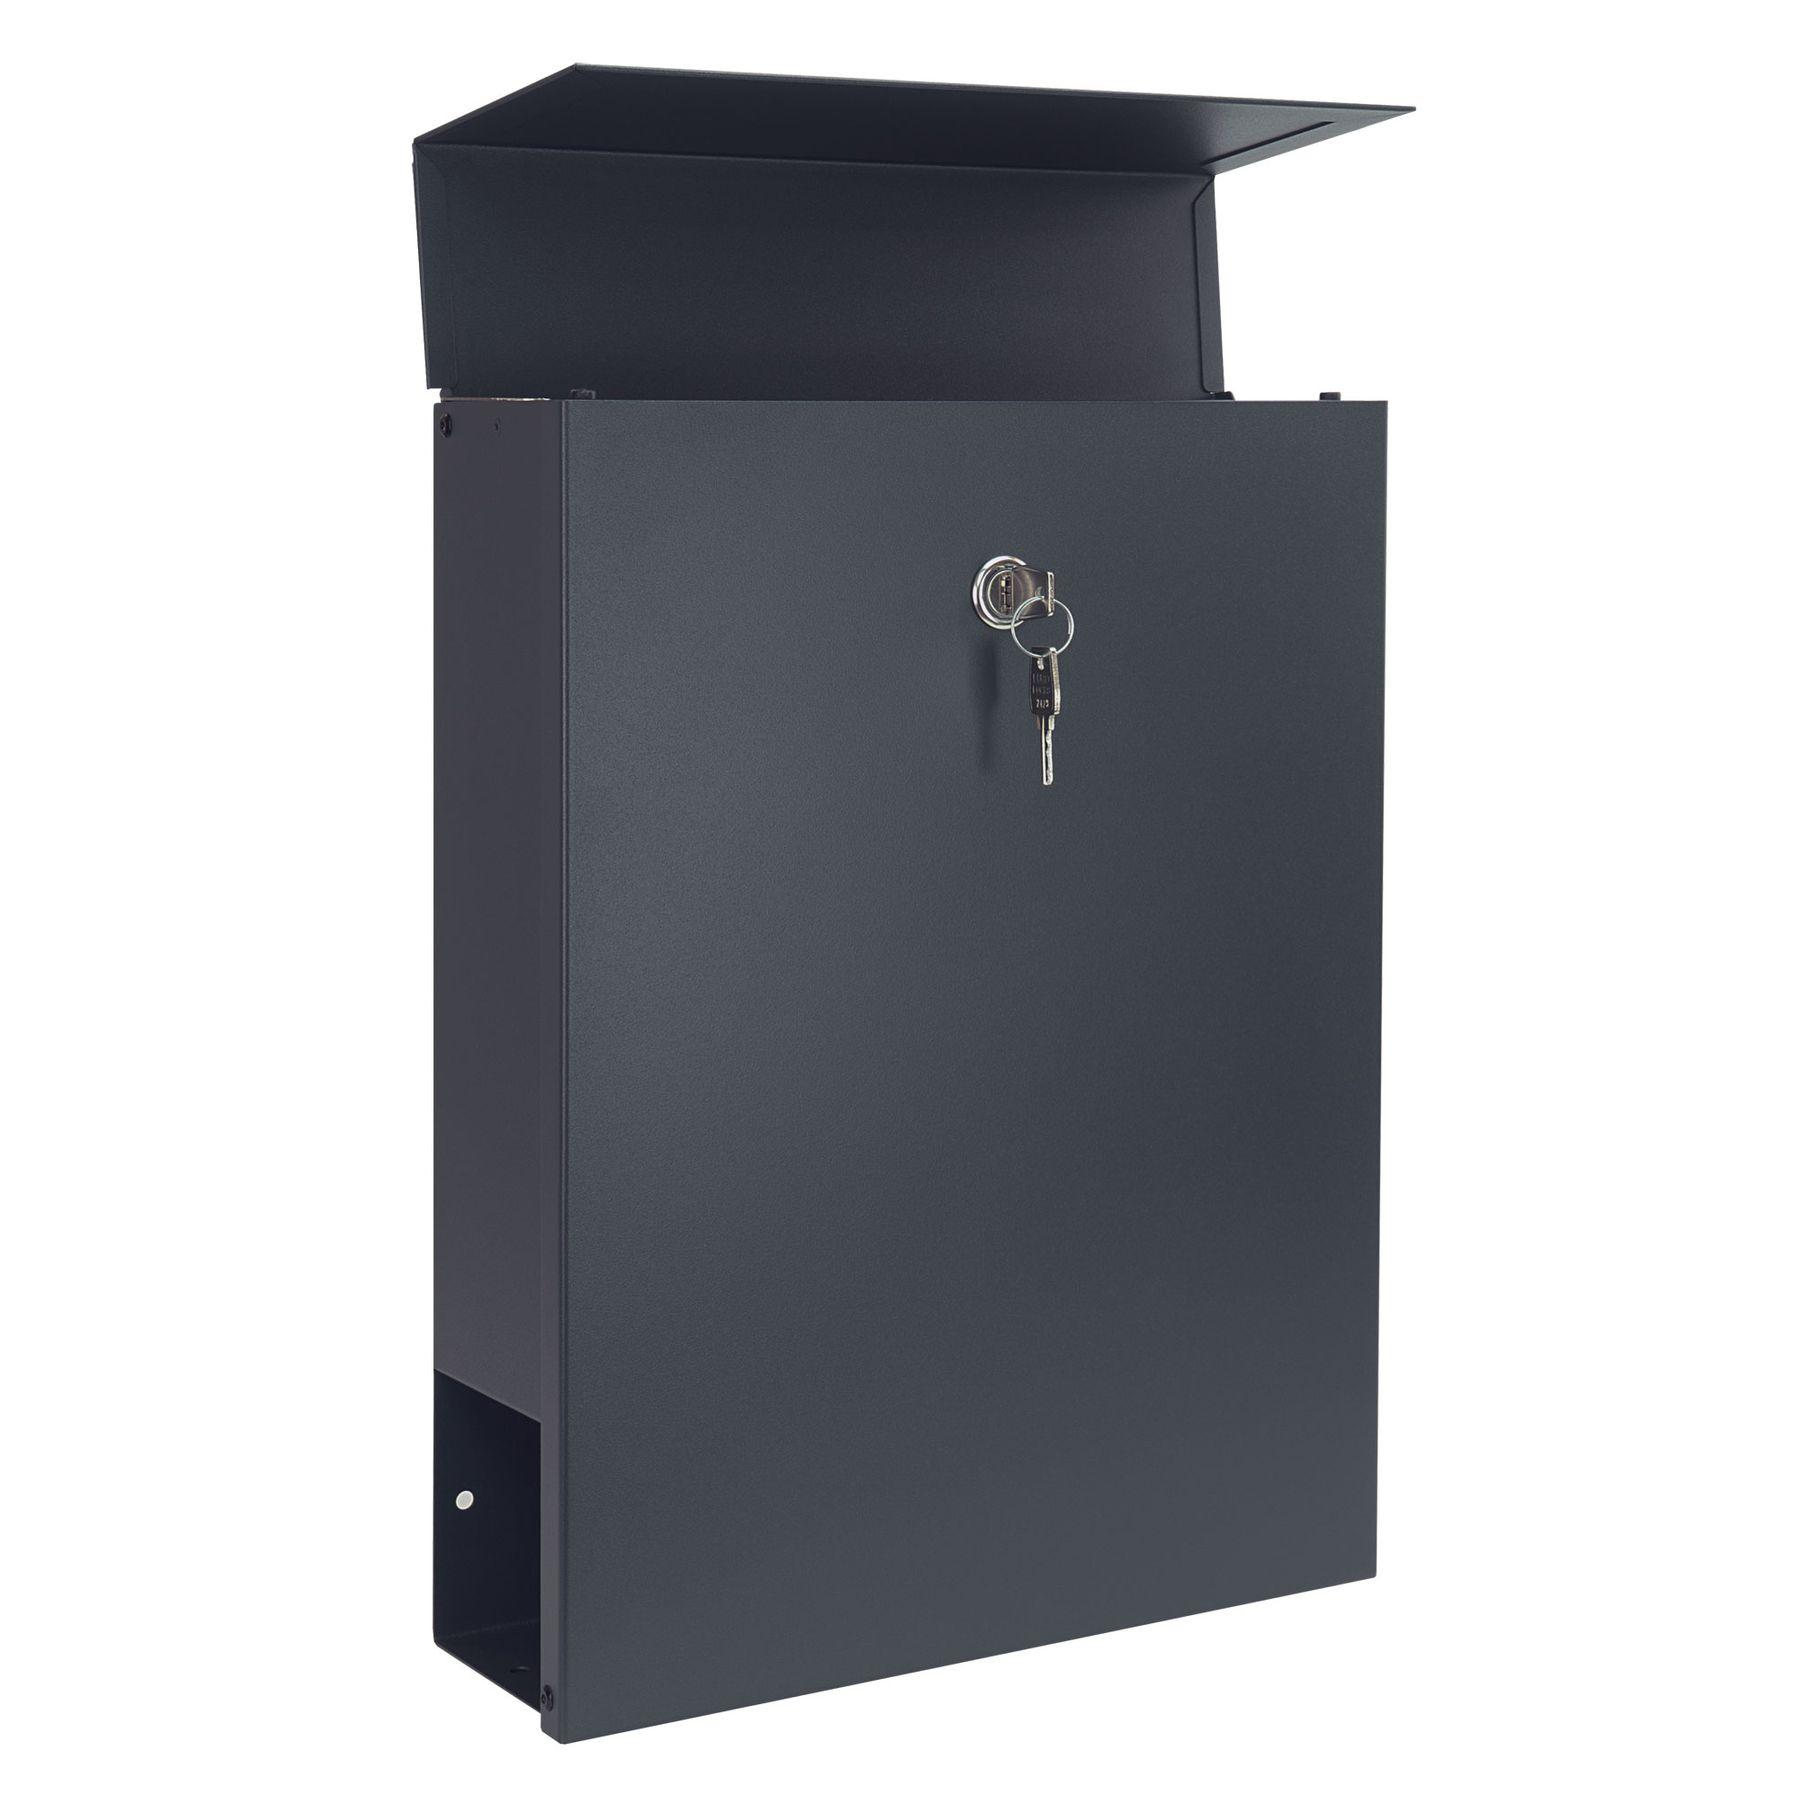 mocavi sbox 500 moderner briefkasten freistehend mit. Black Bedroom Furniture Sets. Home Design Ideas